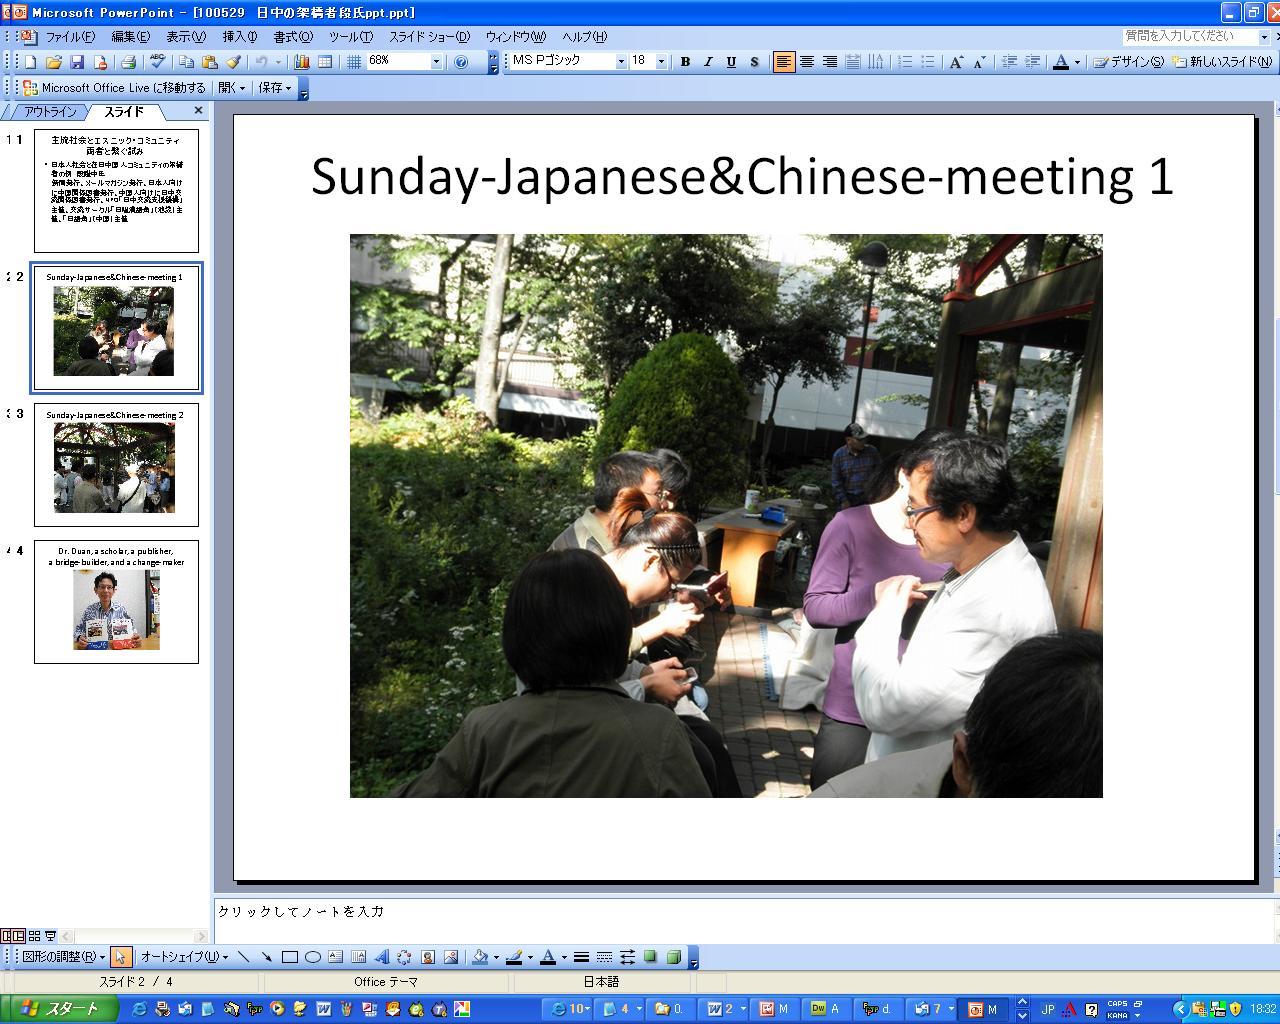 白水繁彦教授 オーストラリア学会主催の講演会で漢語角を紹介_d0027795_18354514.jpg